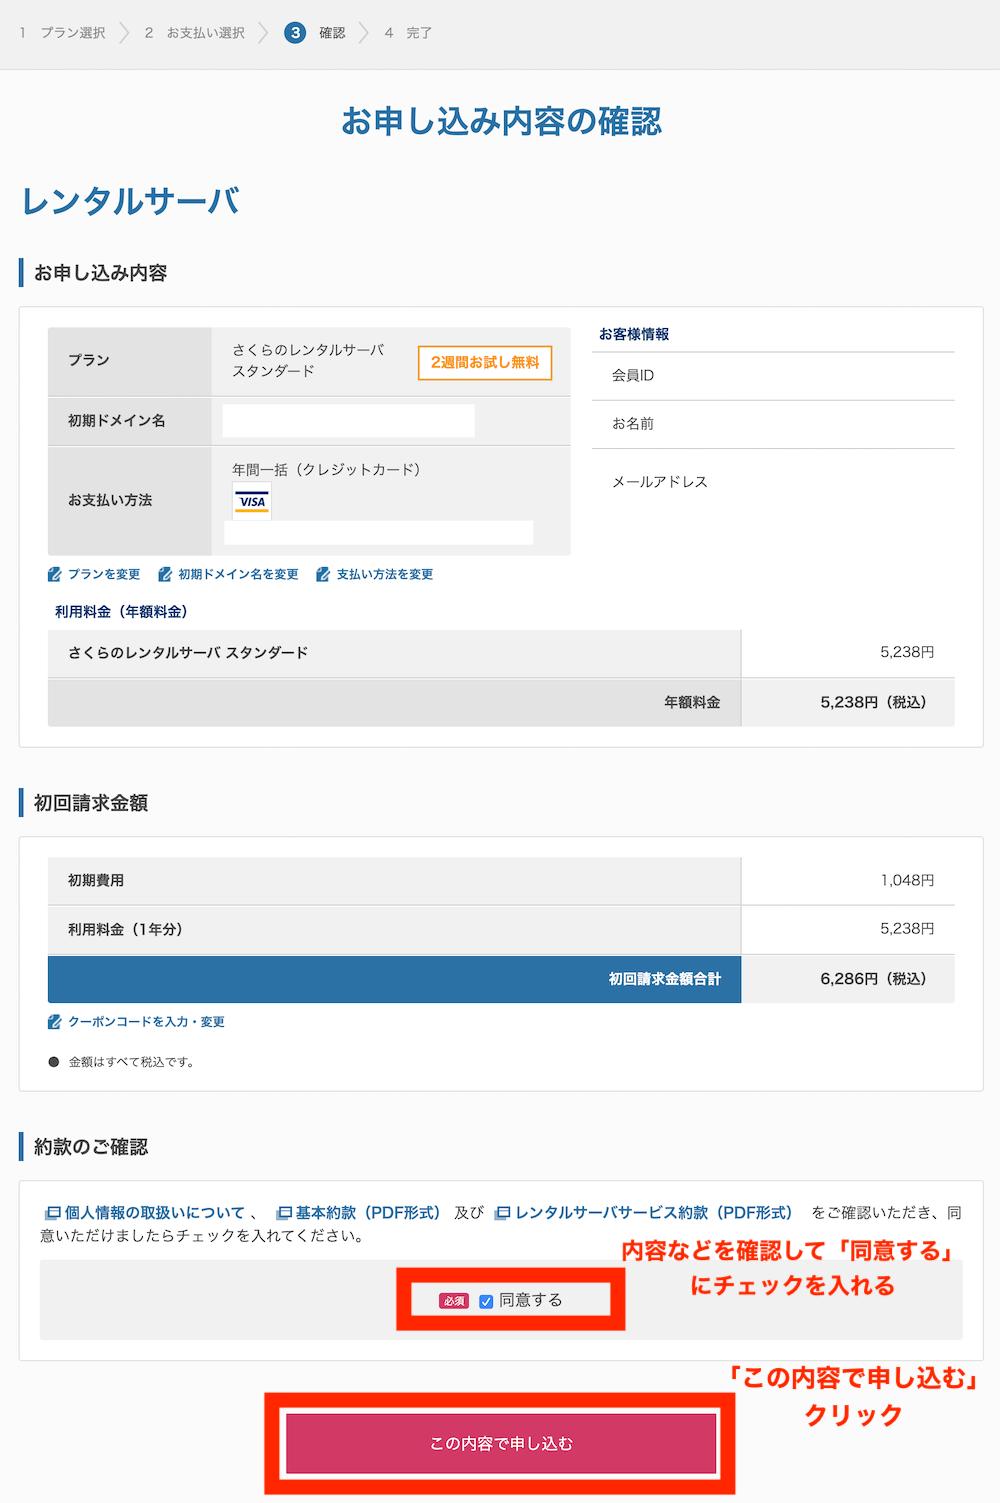 内容を確認して、「同意する」にチェックを入れた後で「この内容で申し込む」ボタンをクリックする